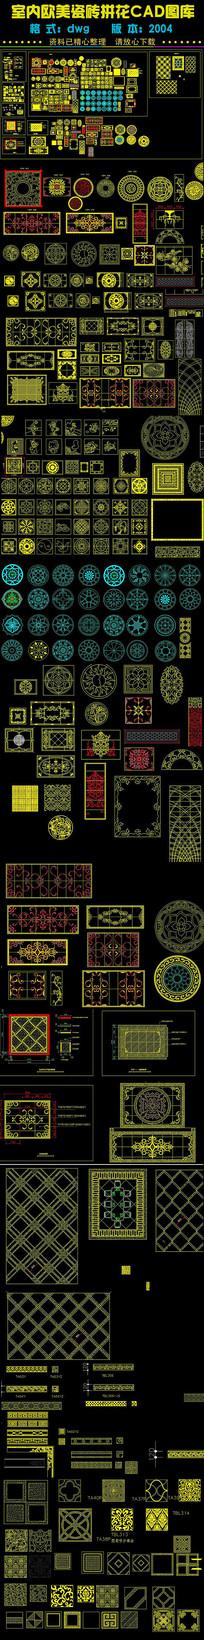 室内欧美瓷砖拼花CAD图库